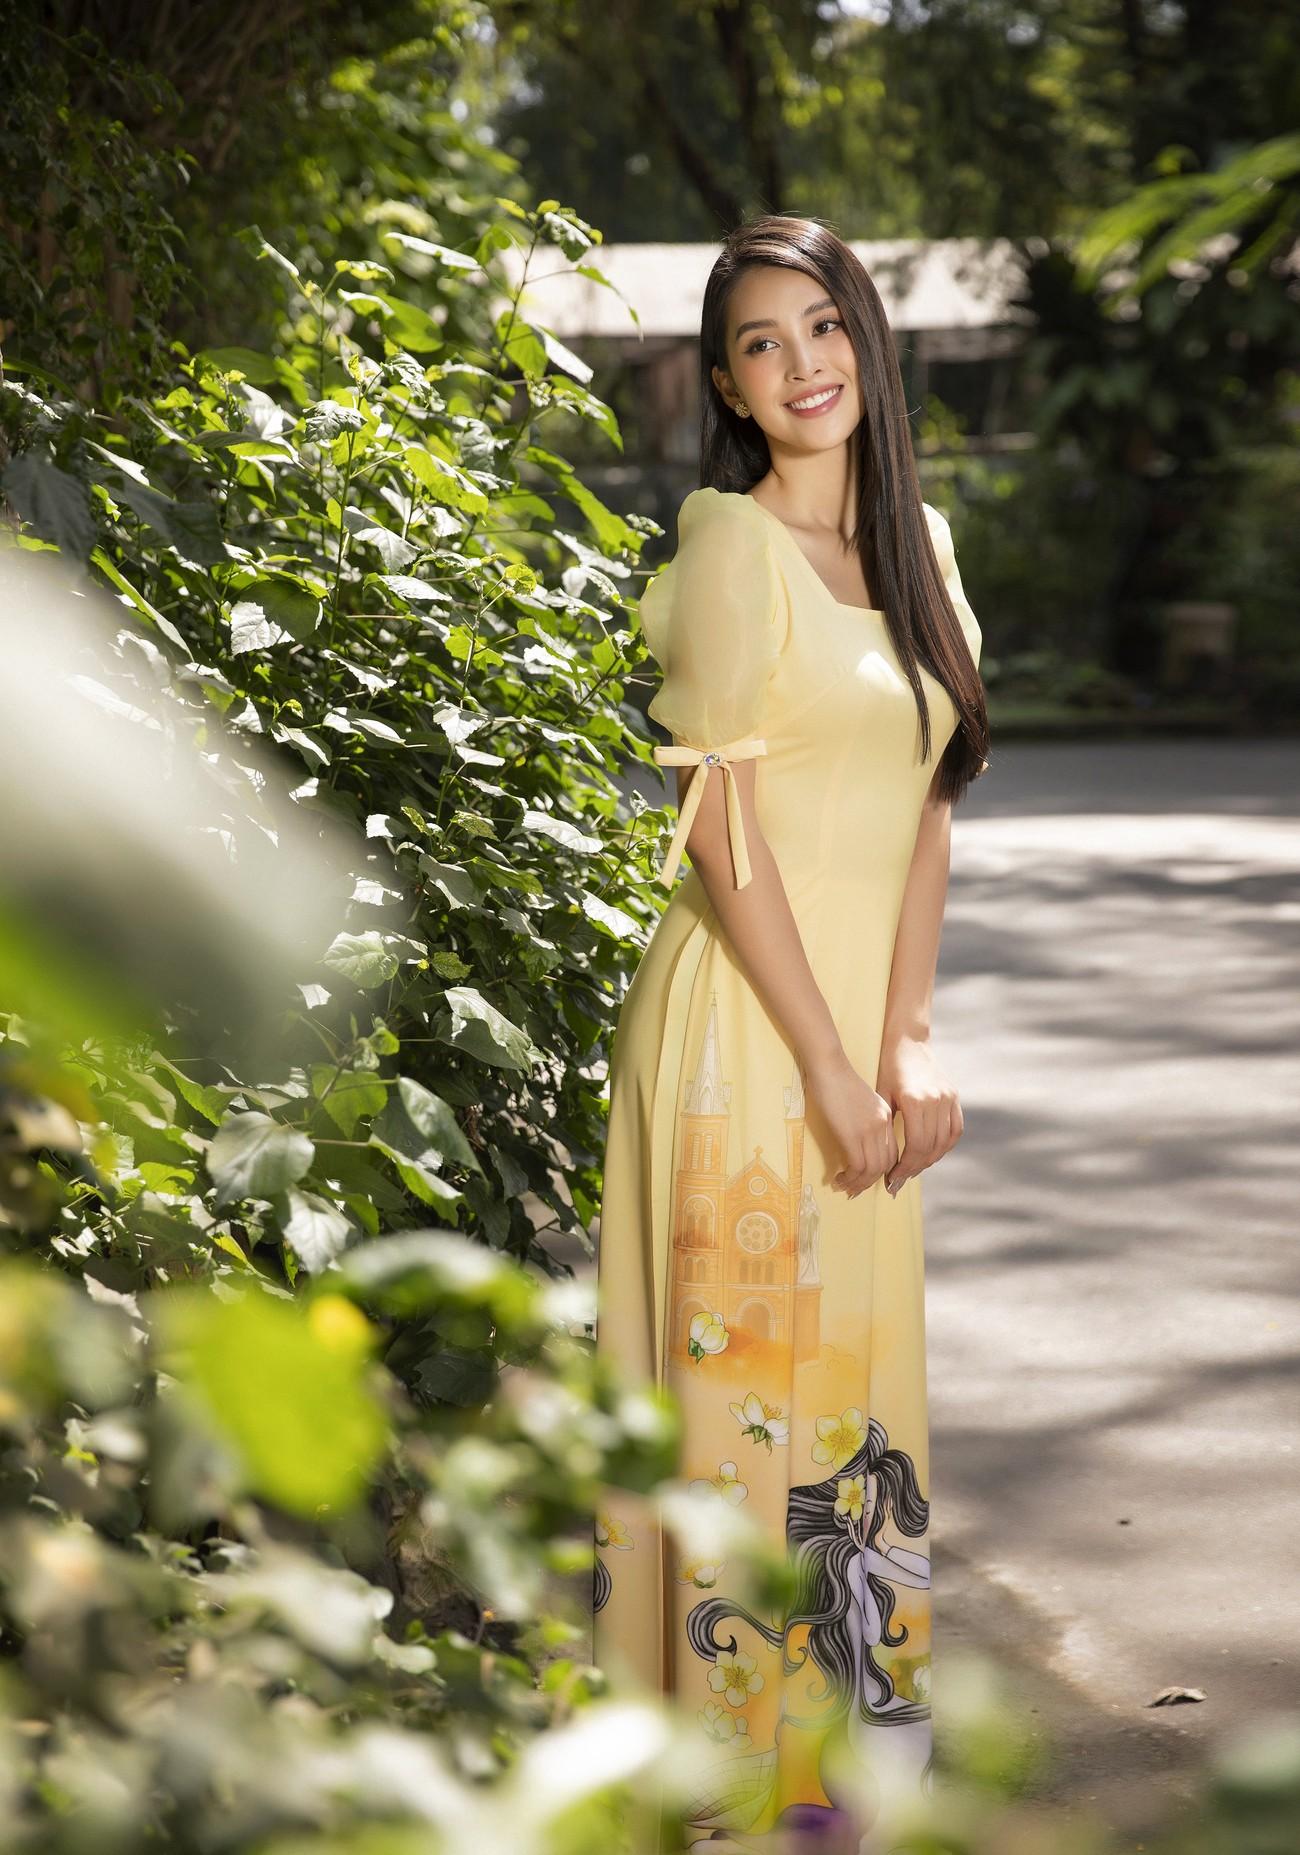 Hoa hậu Tiểu Vy khoe nhan sắc 'cực phẩm', đẹp tựa nàng thơ mùa xuân với áo dài Tết ảnh 8